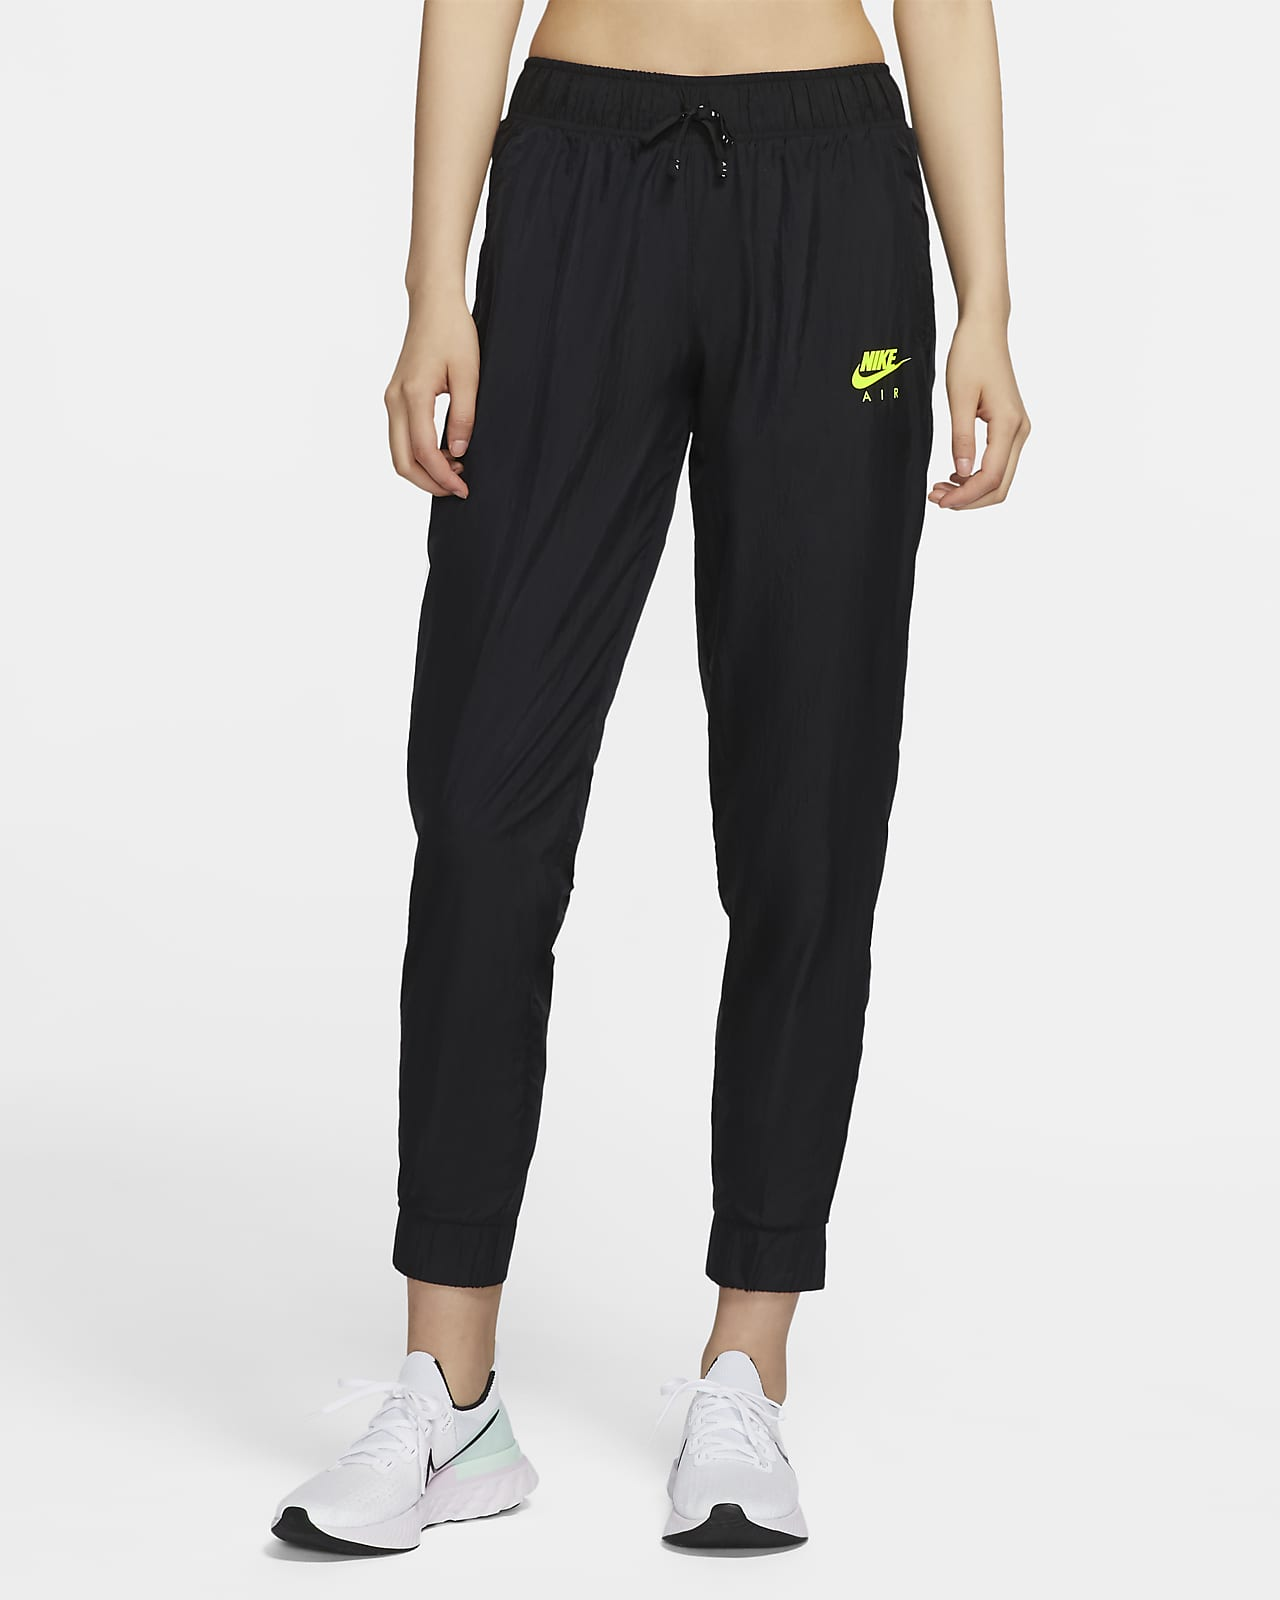 Nike AIR Damen-Jogginghose